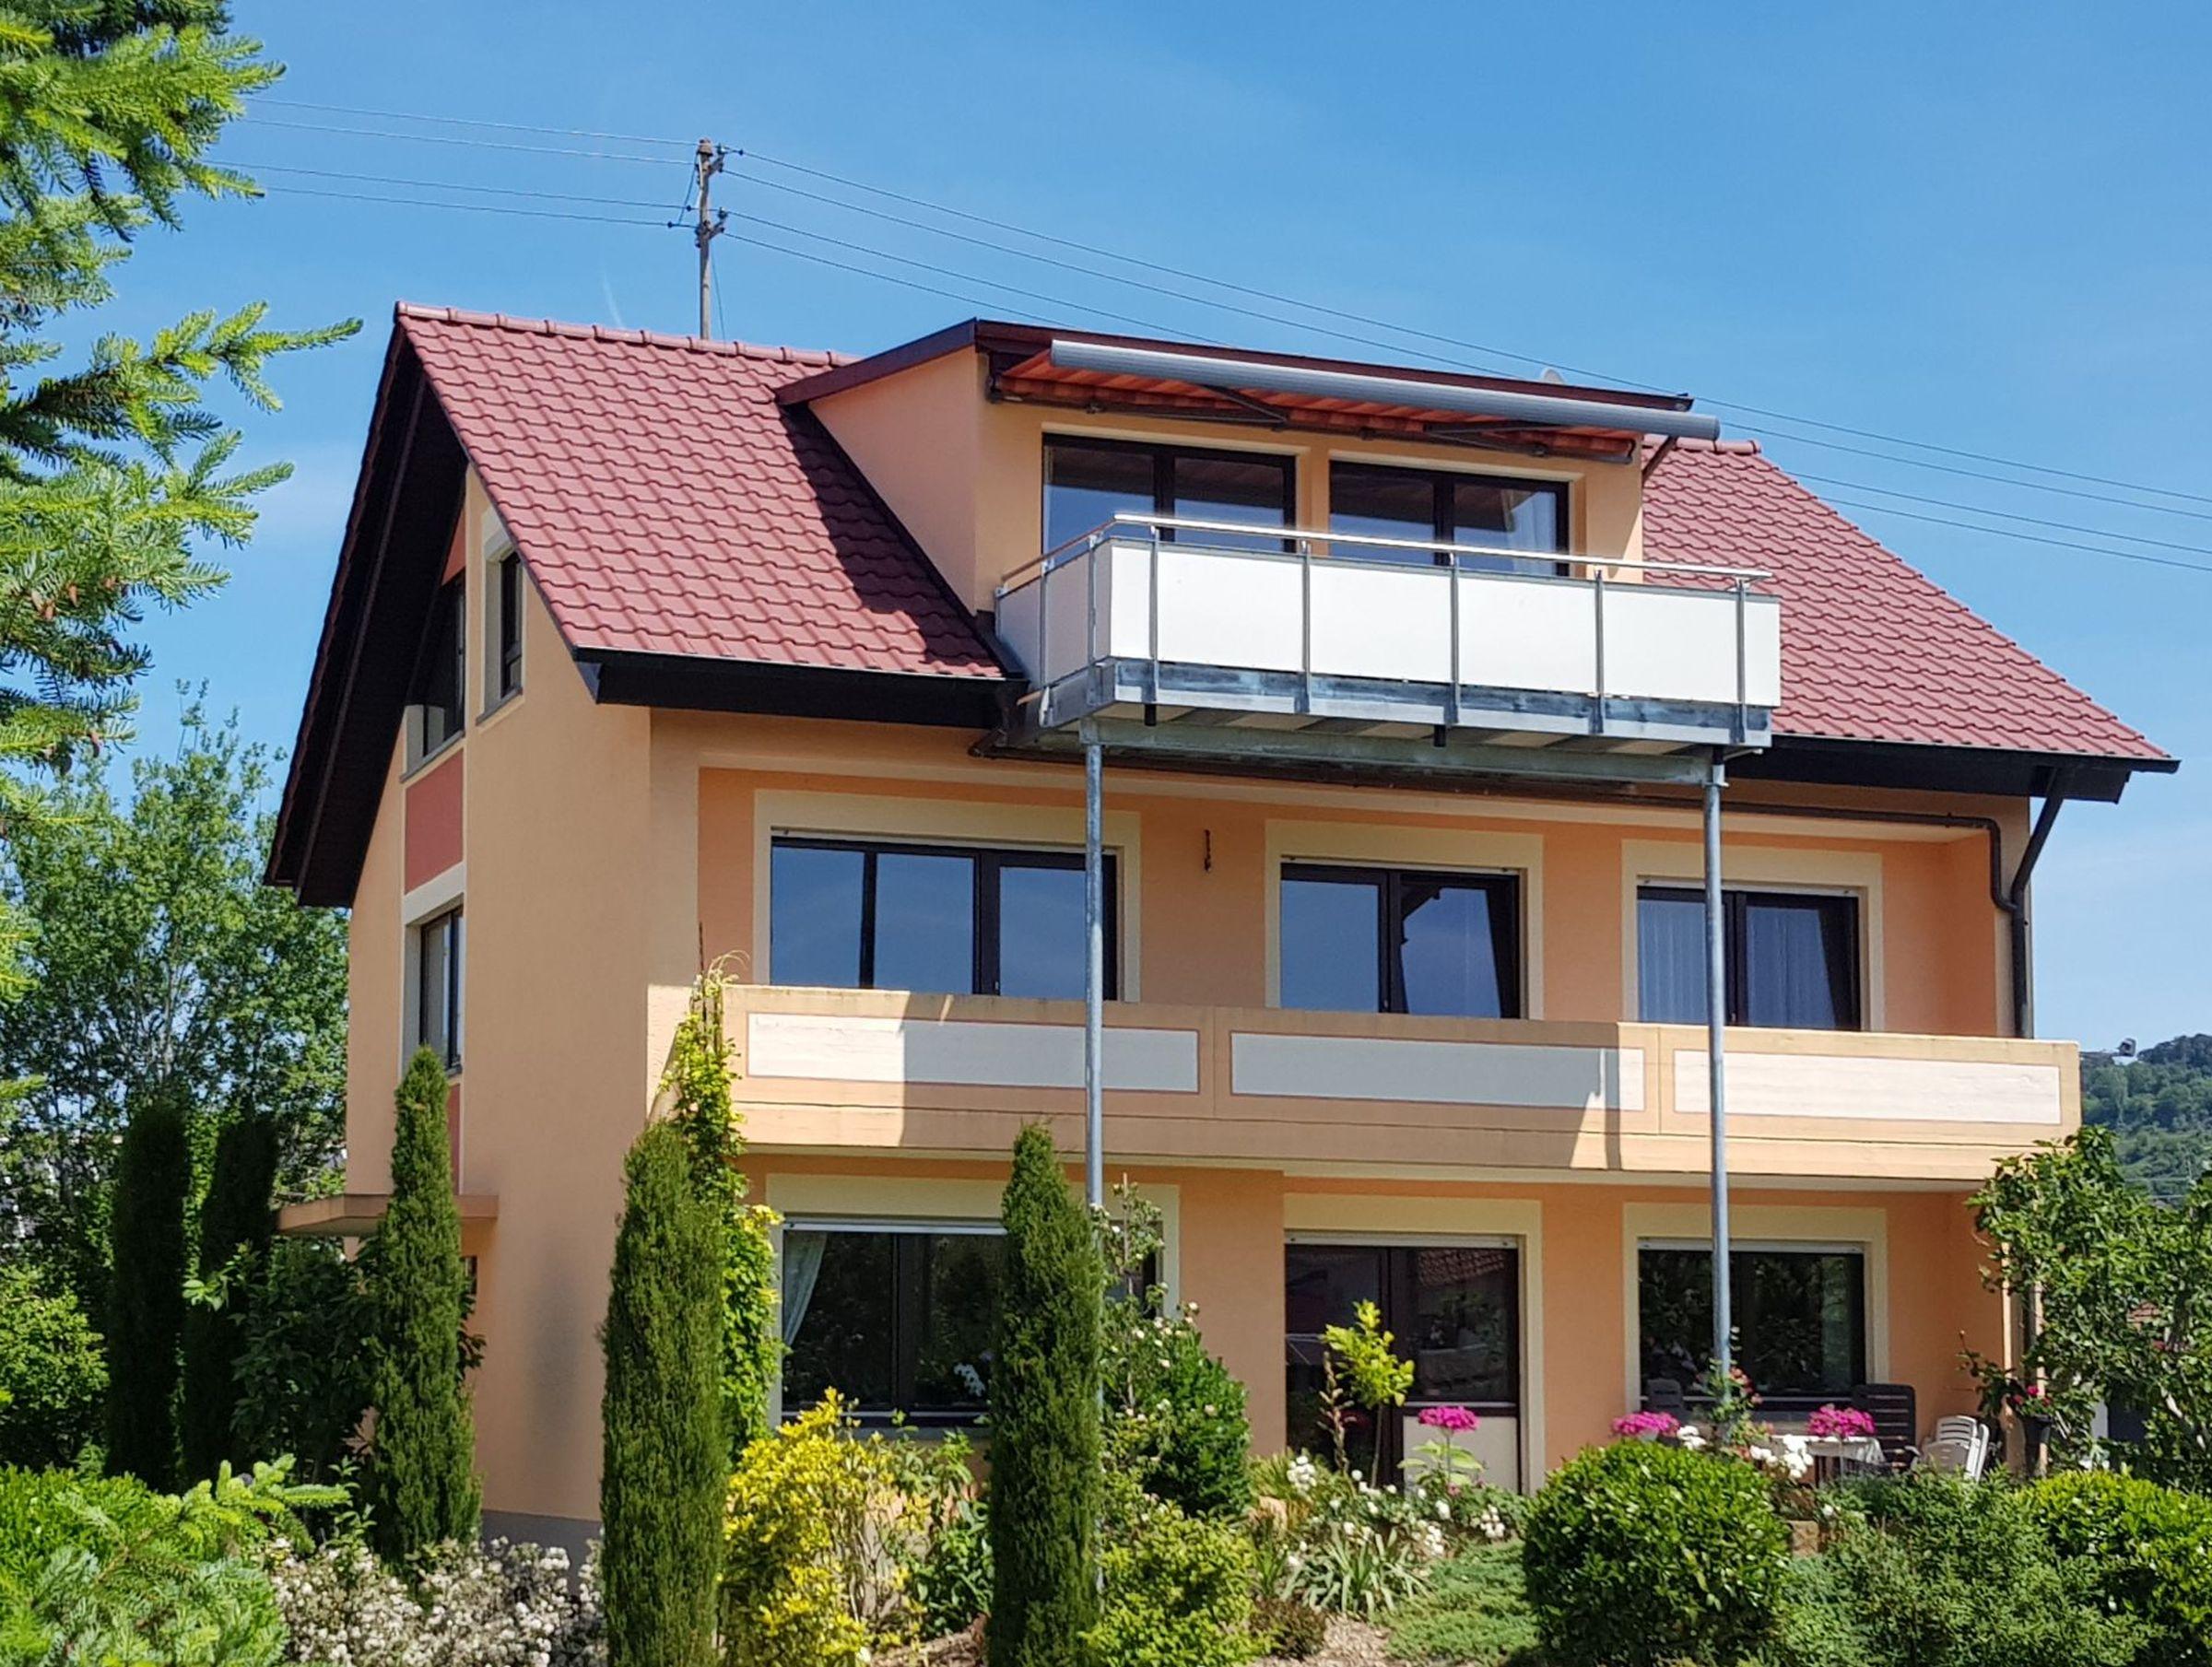 Feriendomizil Bergamini, (Vogtsburg). Ferienwohnun